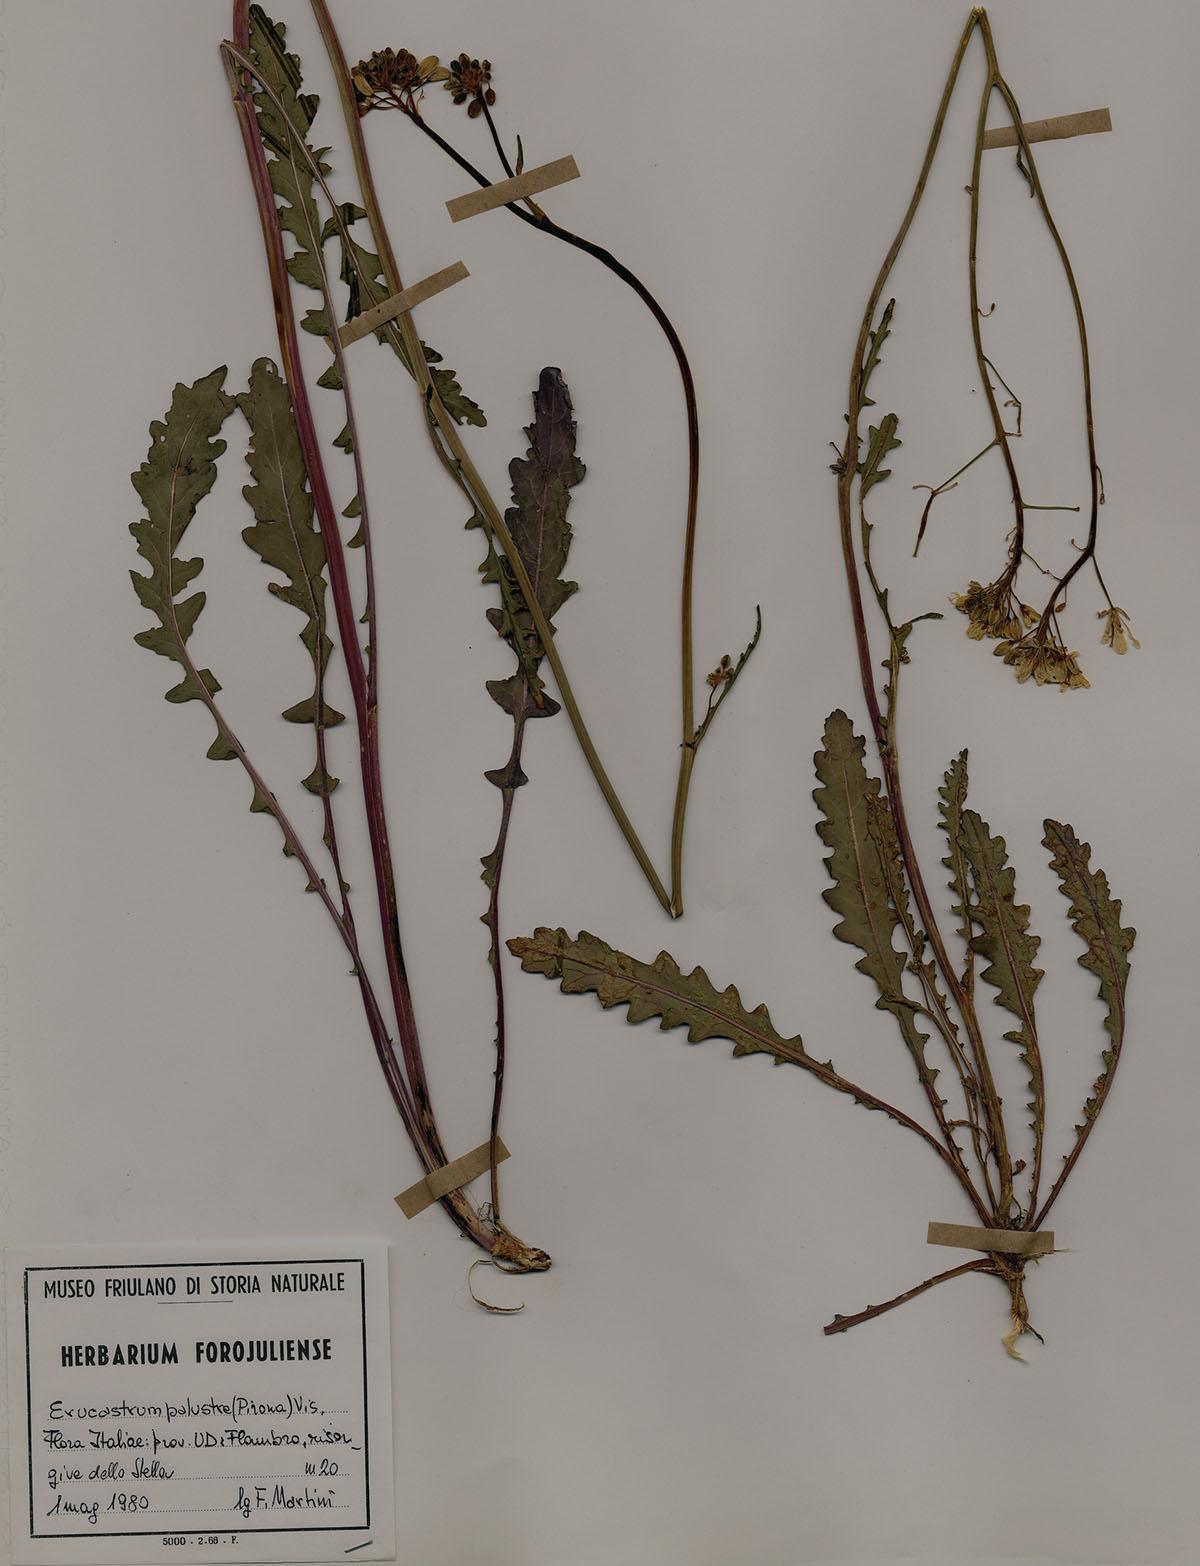 Erucastrum palustre - Foglio di erbario con Erucastrum palustrepianta endemica del Friuli